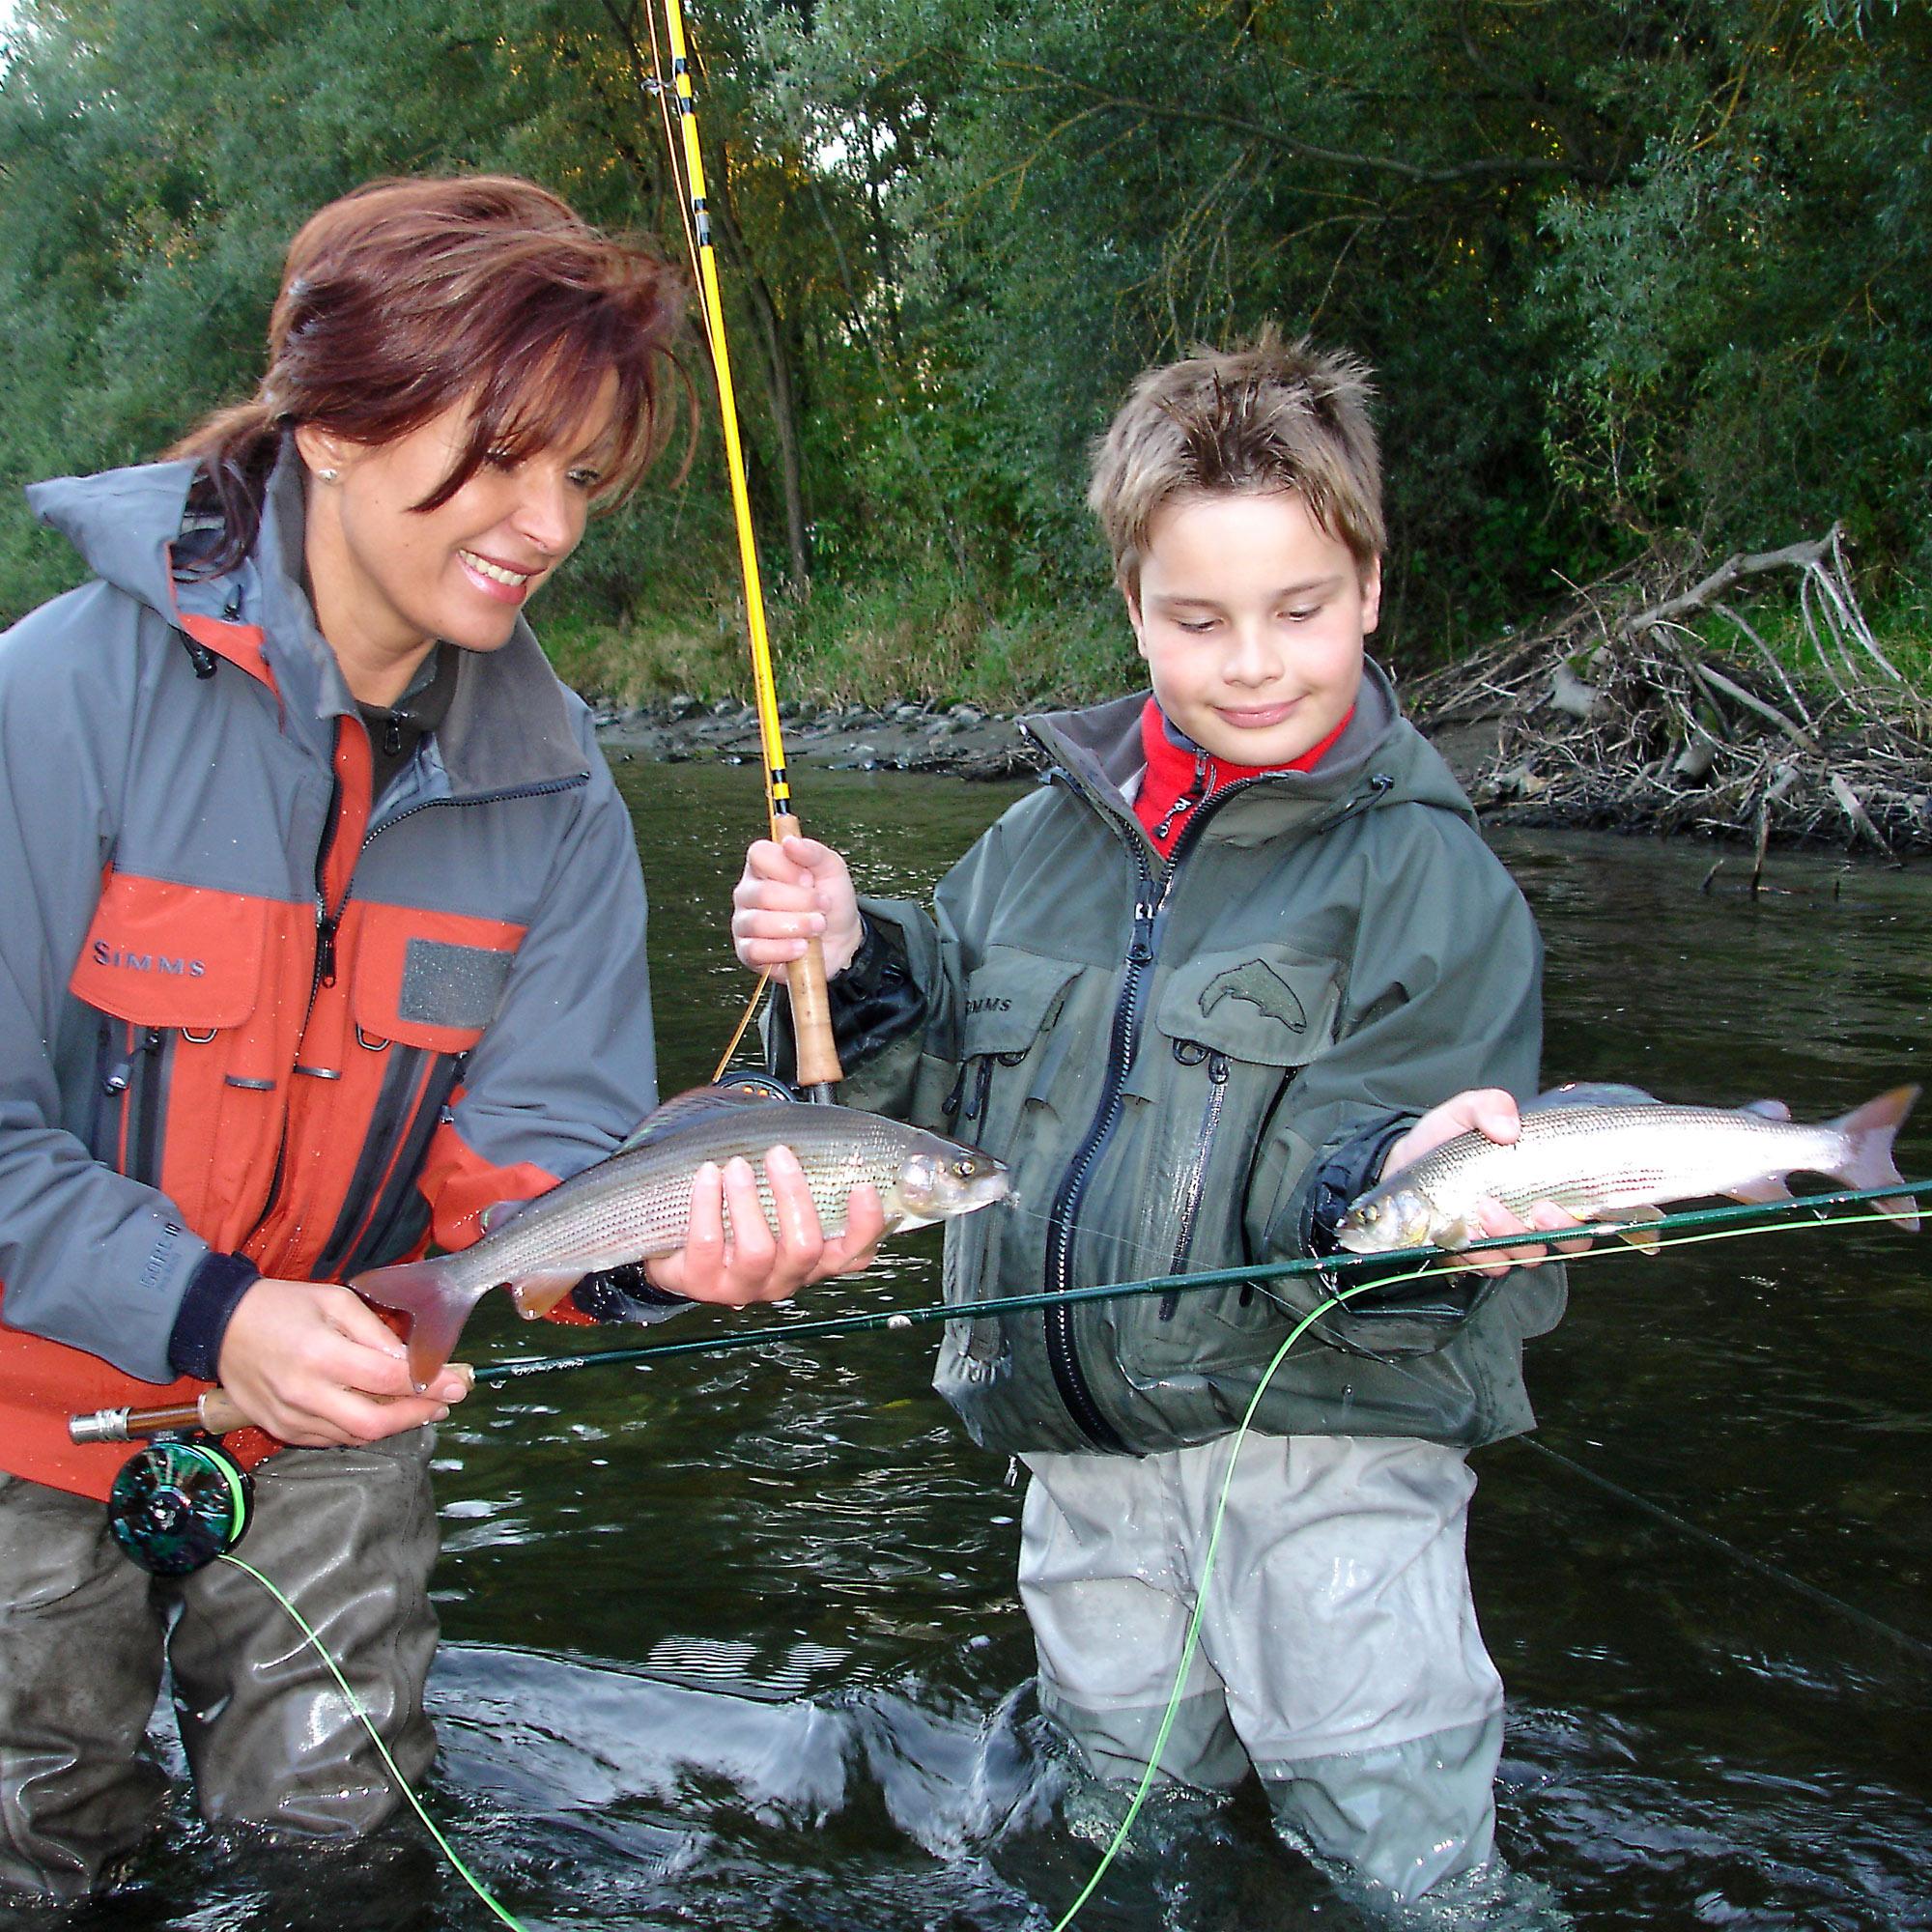 000022-Mirjana-Pavlic-Guiding-Fliegenfischen-lernen-Moehnesee